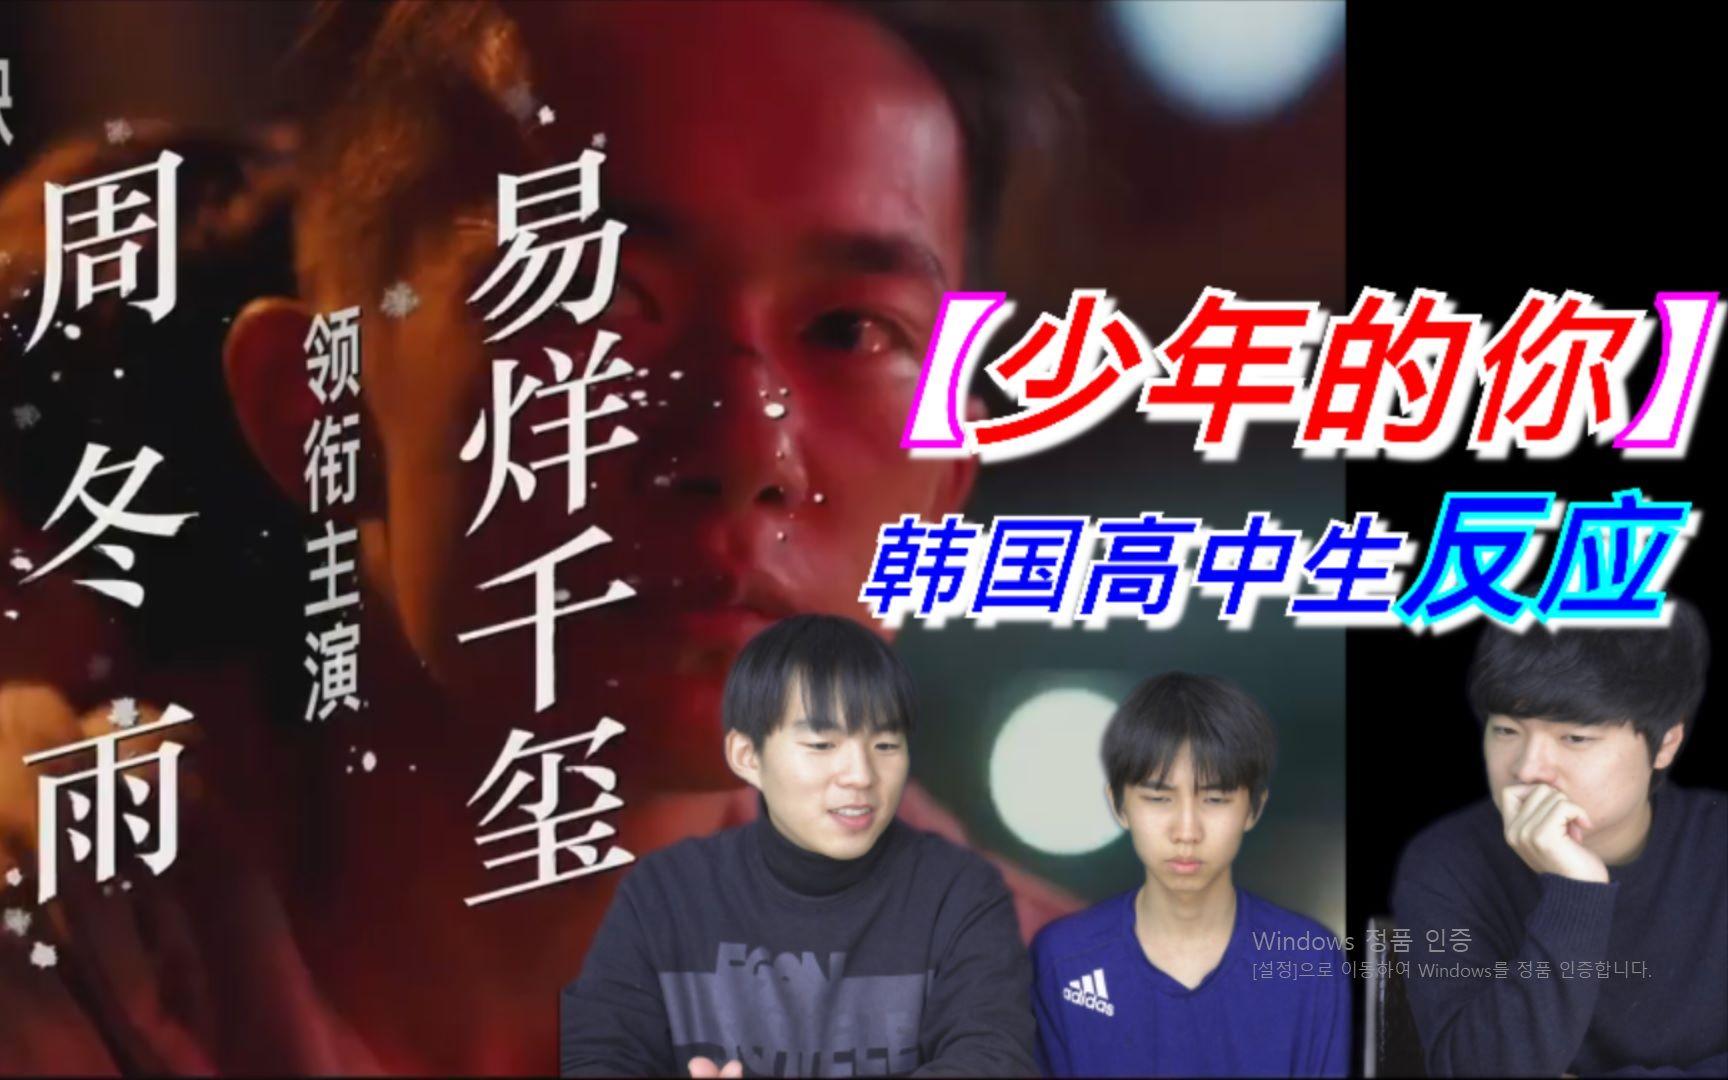 韩国高中生首次看【少年的你】反应!高中生怎么看校园欺凌?